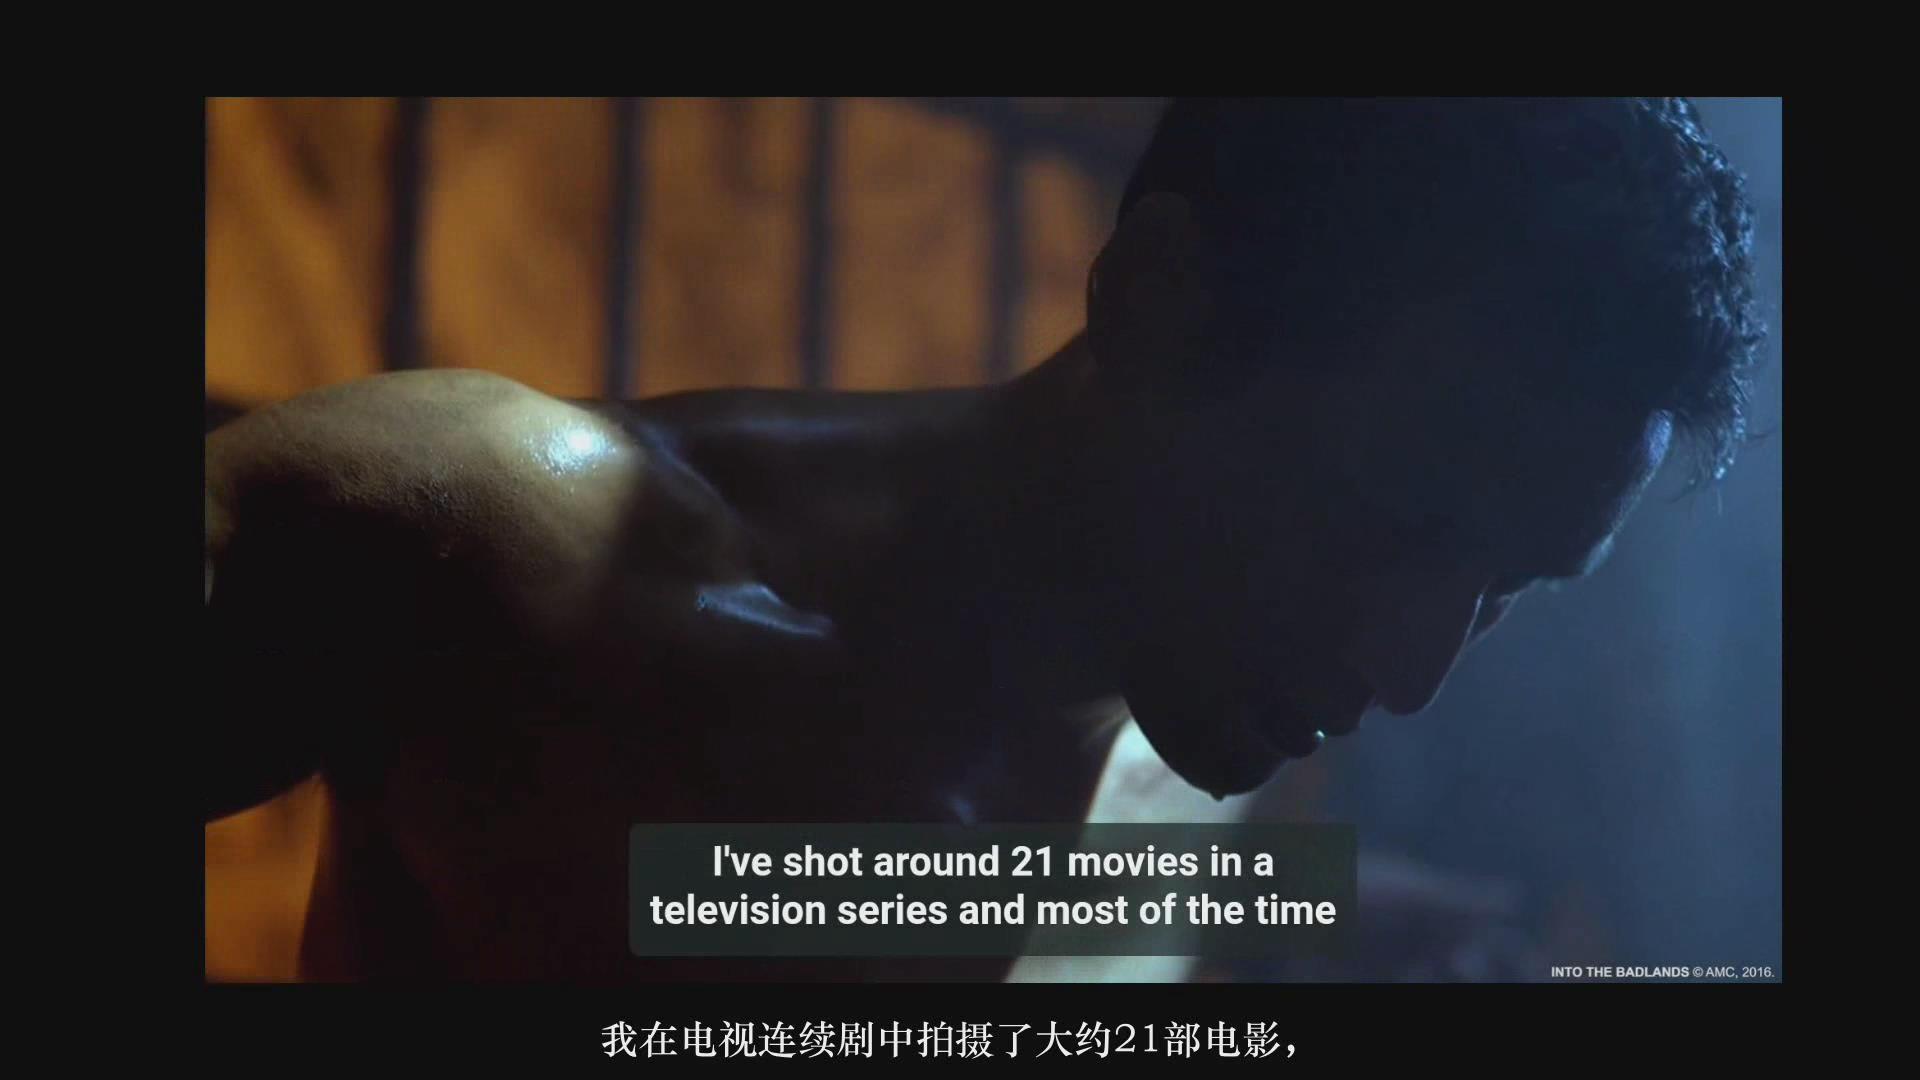 摄影教程_Hurlbut Academy–如何为电影在夜景室内场景布光营造自然外观-中文字幕 摄影教程 _预览图3